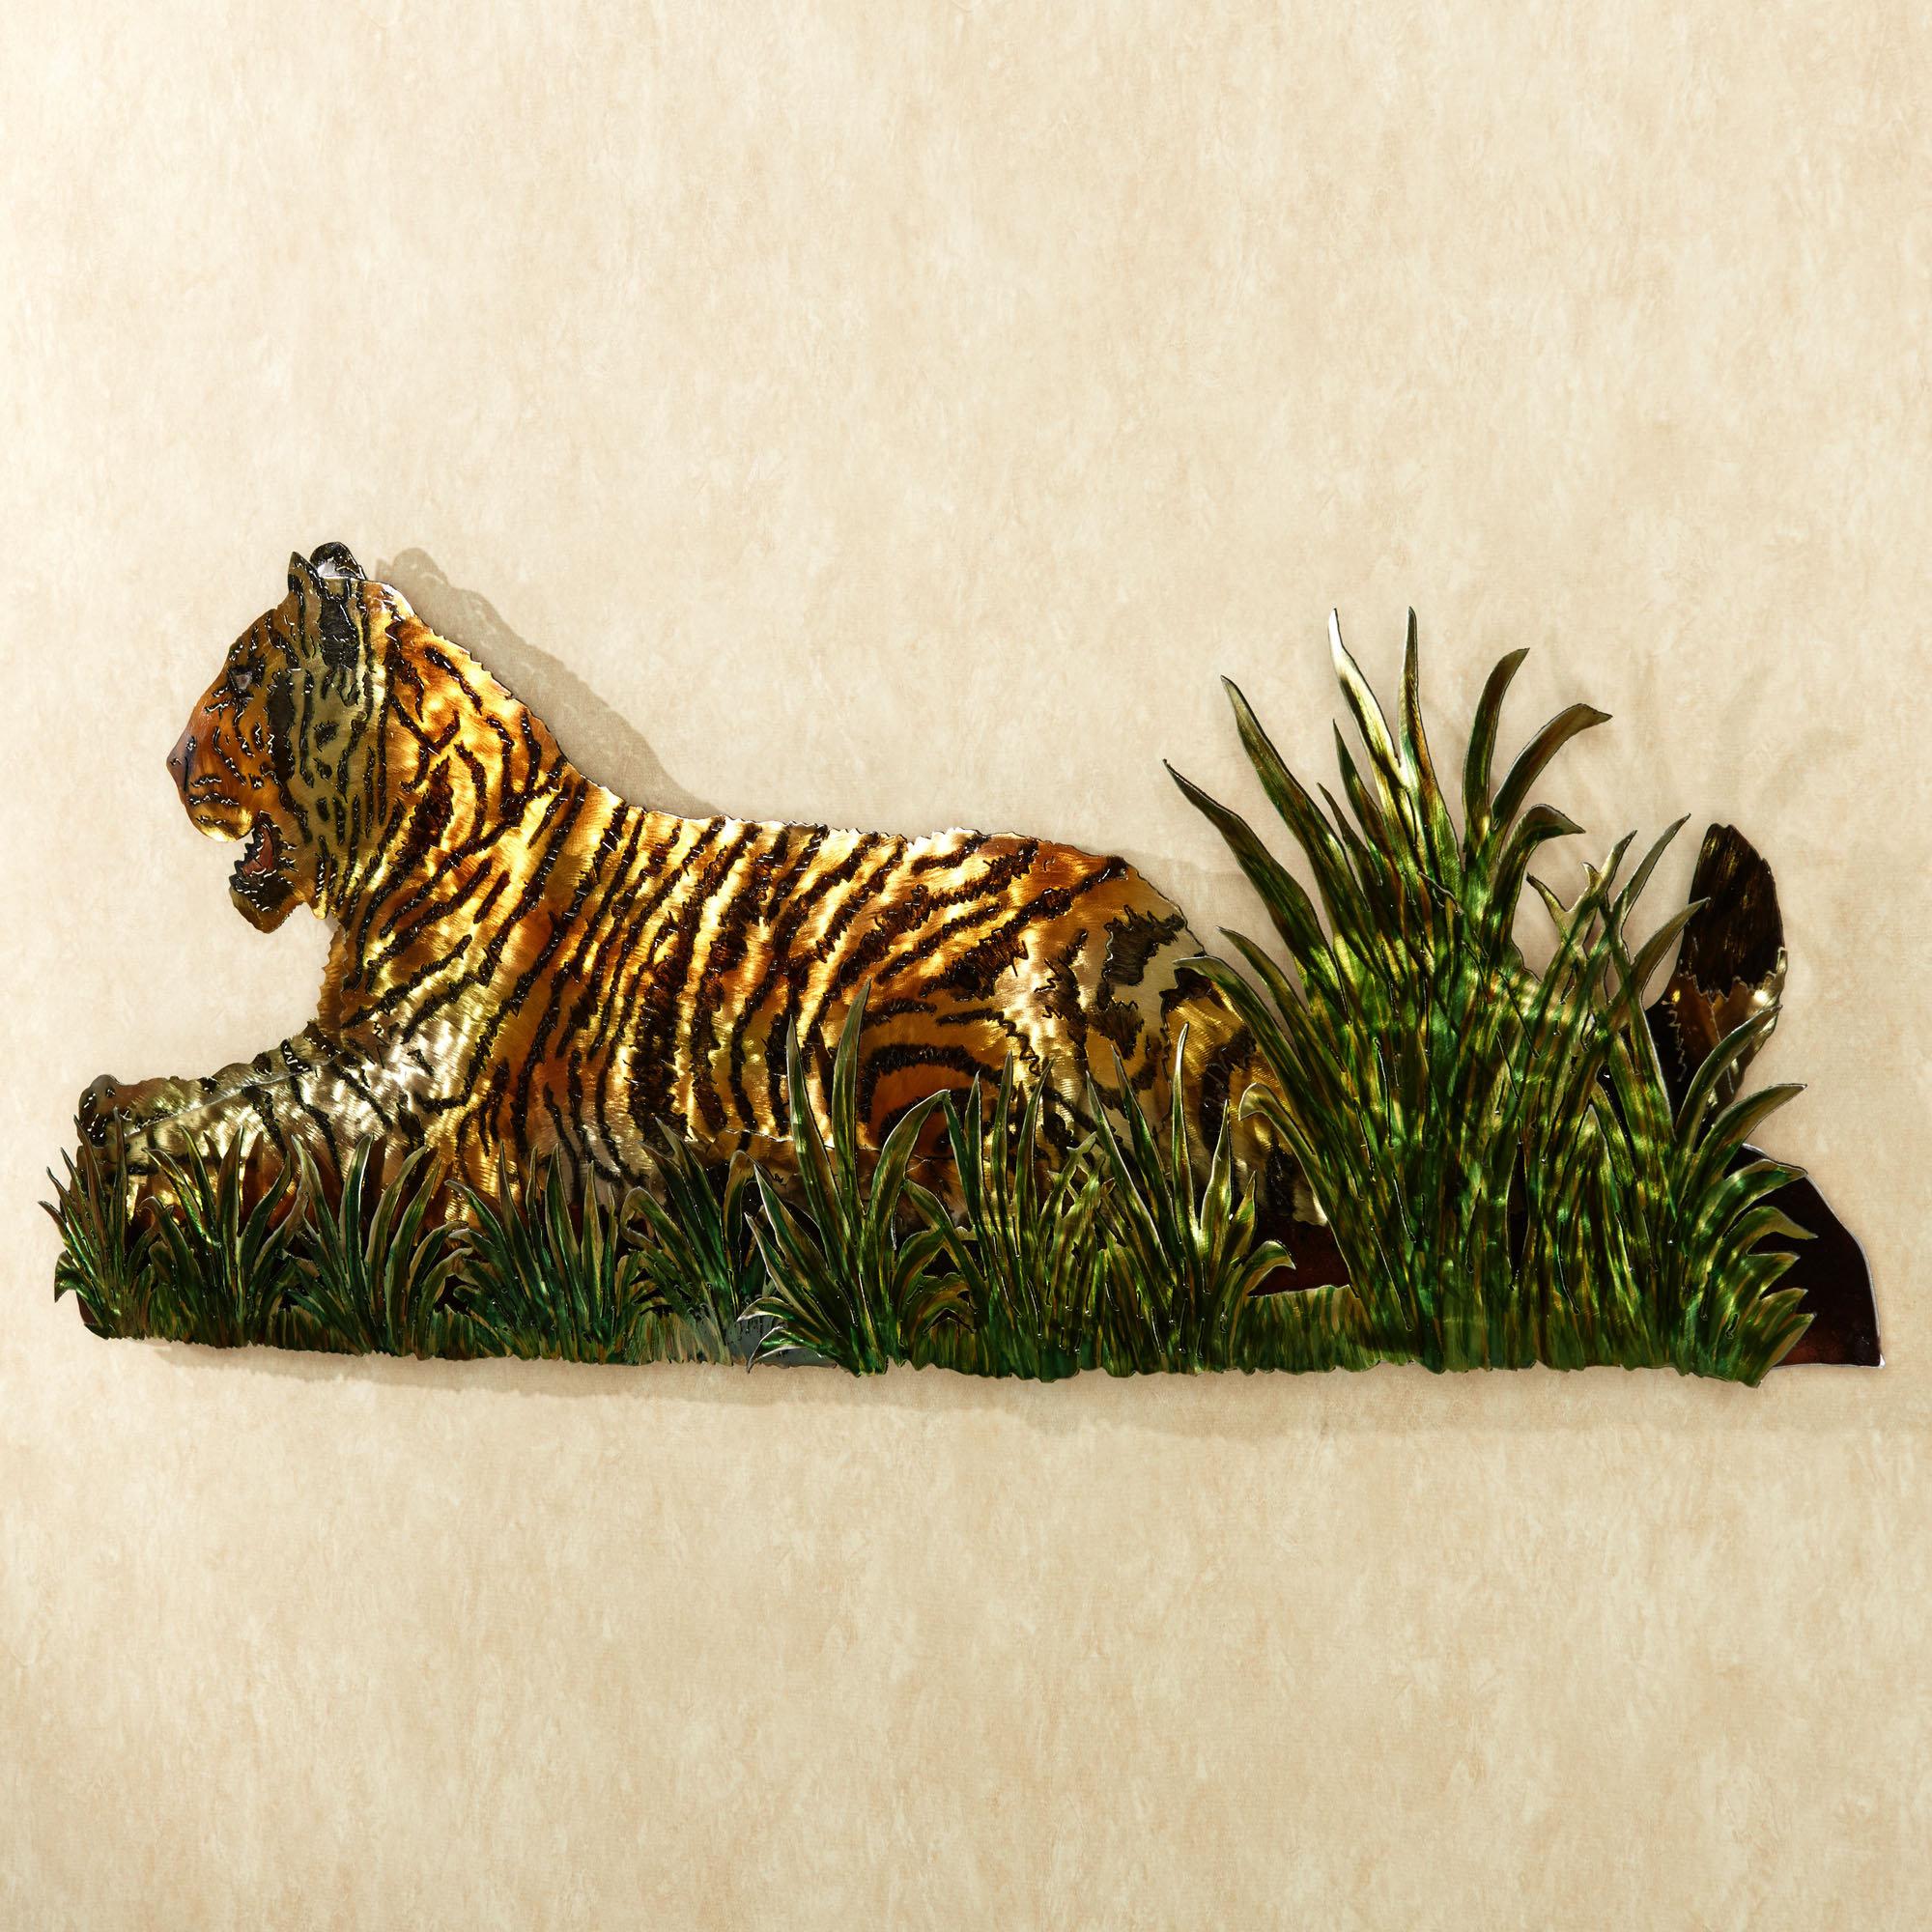 tiger wallpaper border   weddingdressincom 2000x2000